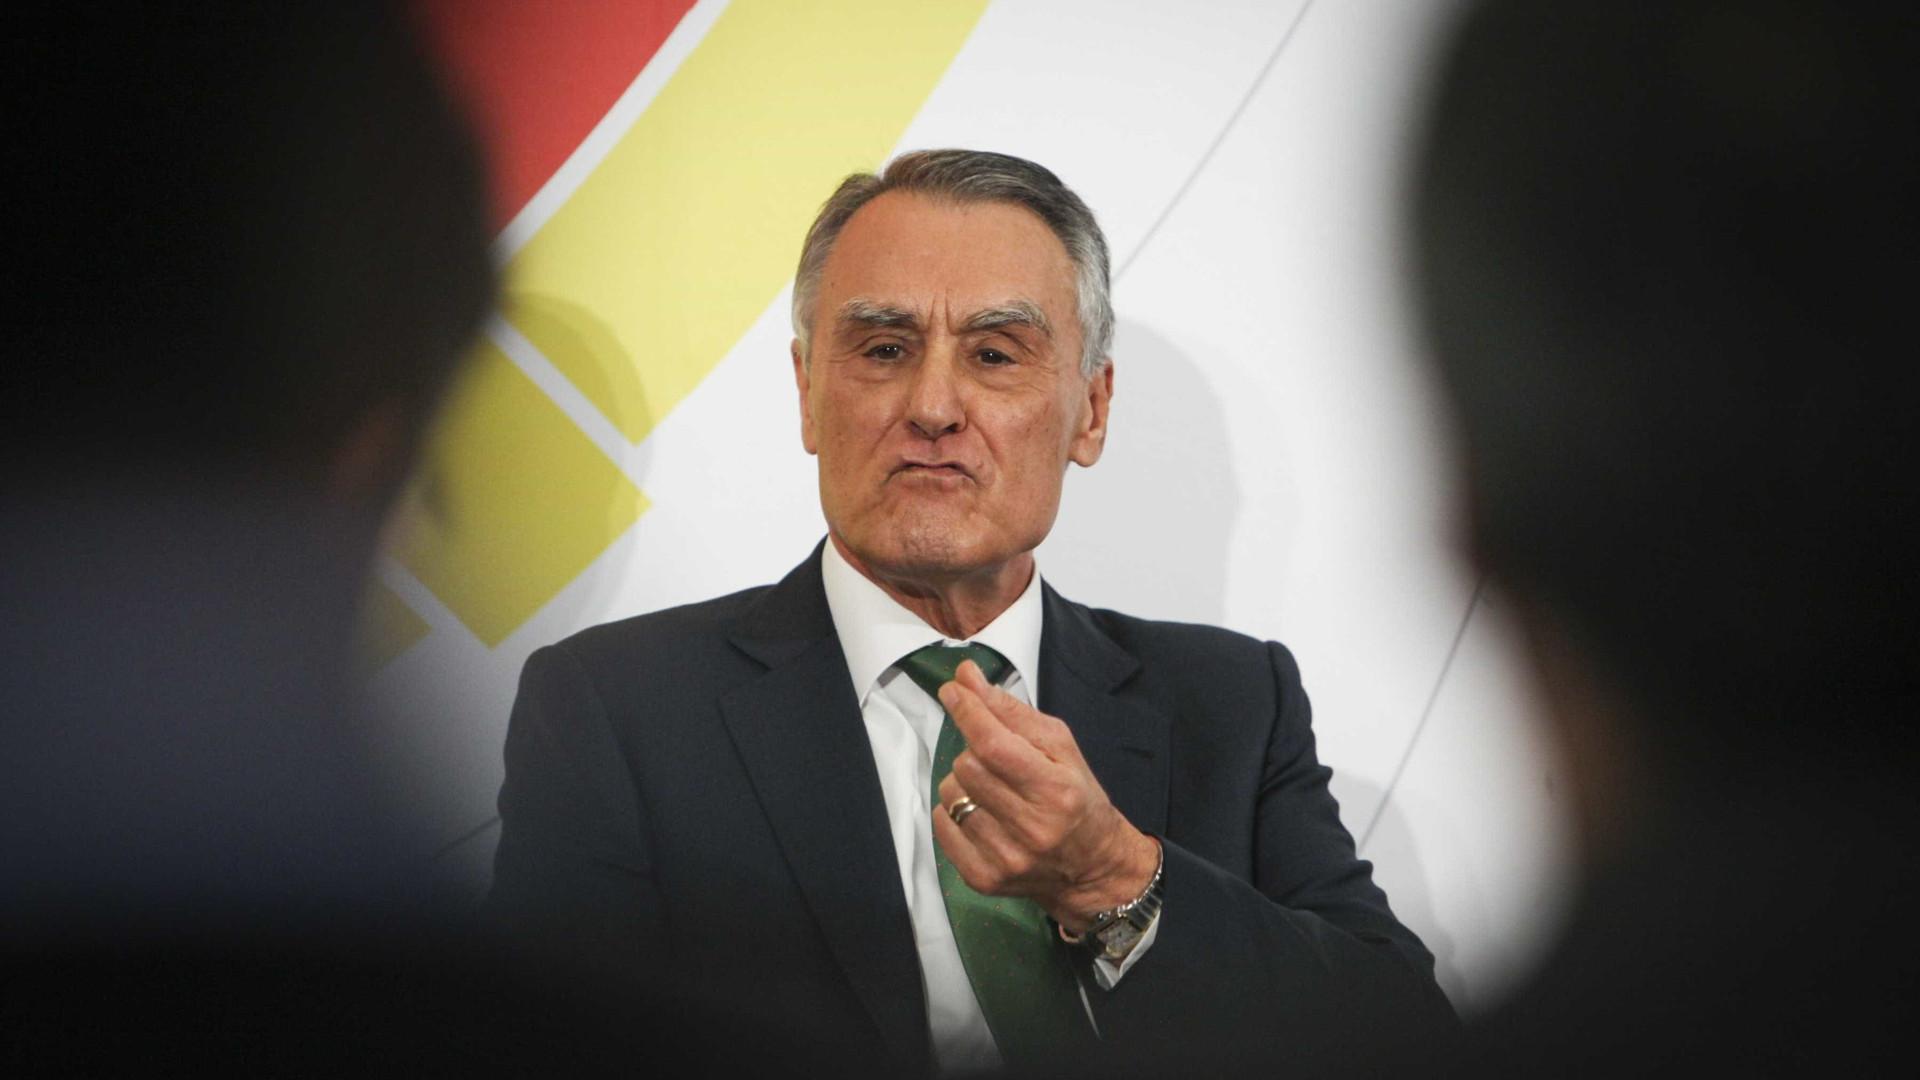 """Cavaco aconselha """"serenidade"""" após vitória de populistas em Itália"""""""